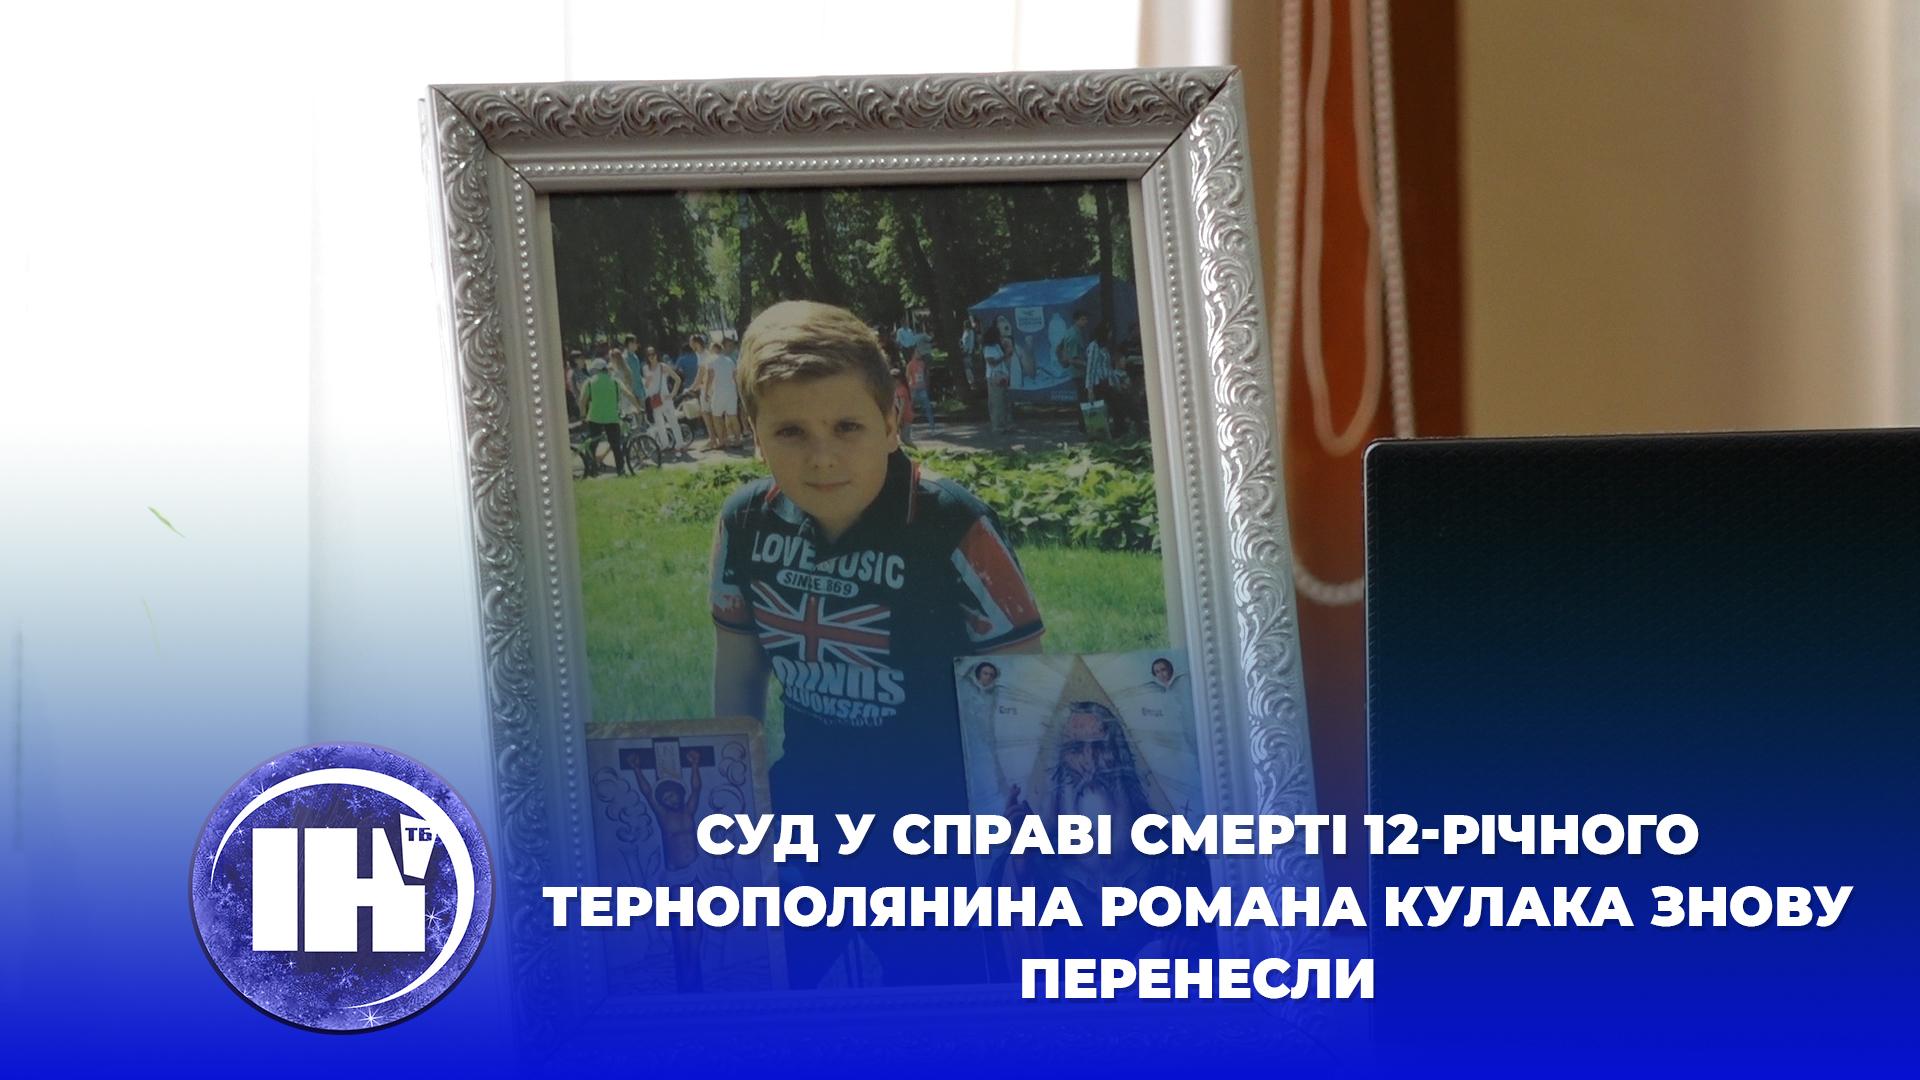 Суд у справі смерті 12-річного тернополянина Романа Кулака знову перенесли